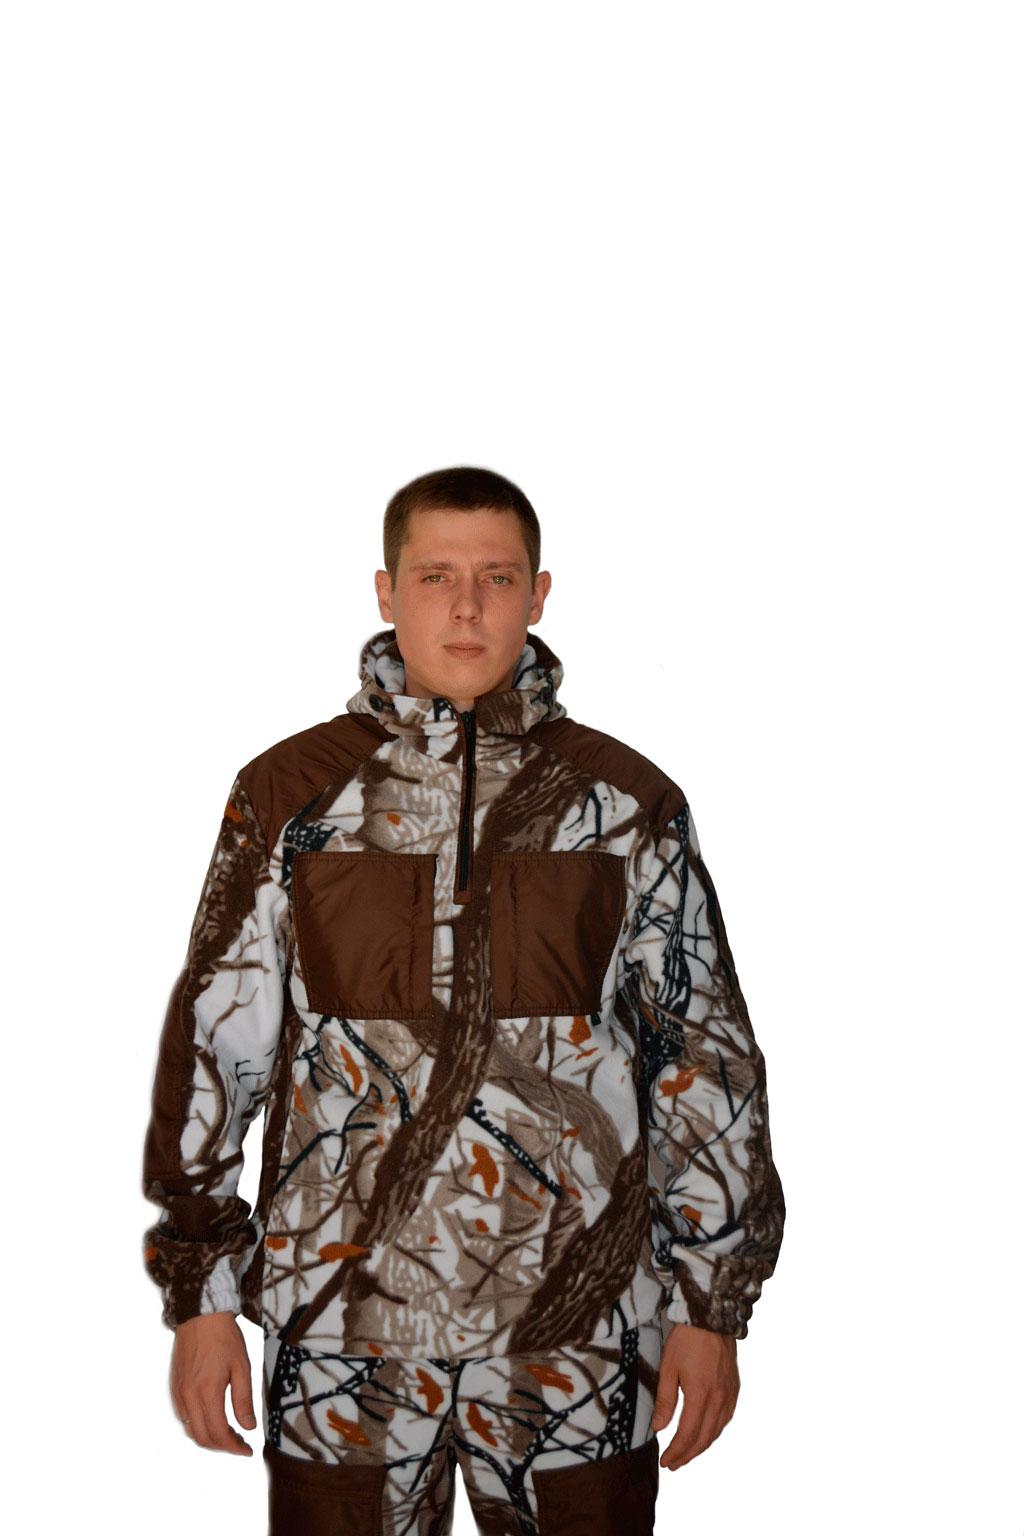 Флисовый костюм Сурок кмф Белый лес с Костюмы флисовые<br><br><br>Пол: мужской<br>Размер: 56-58<br>Рост: 182-188<br>Сезон: демисезонный